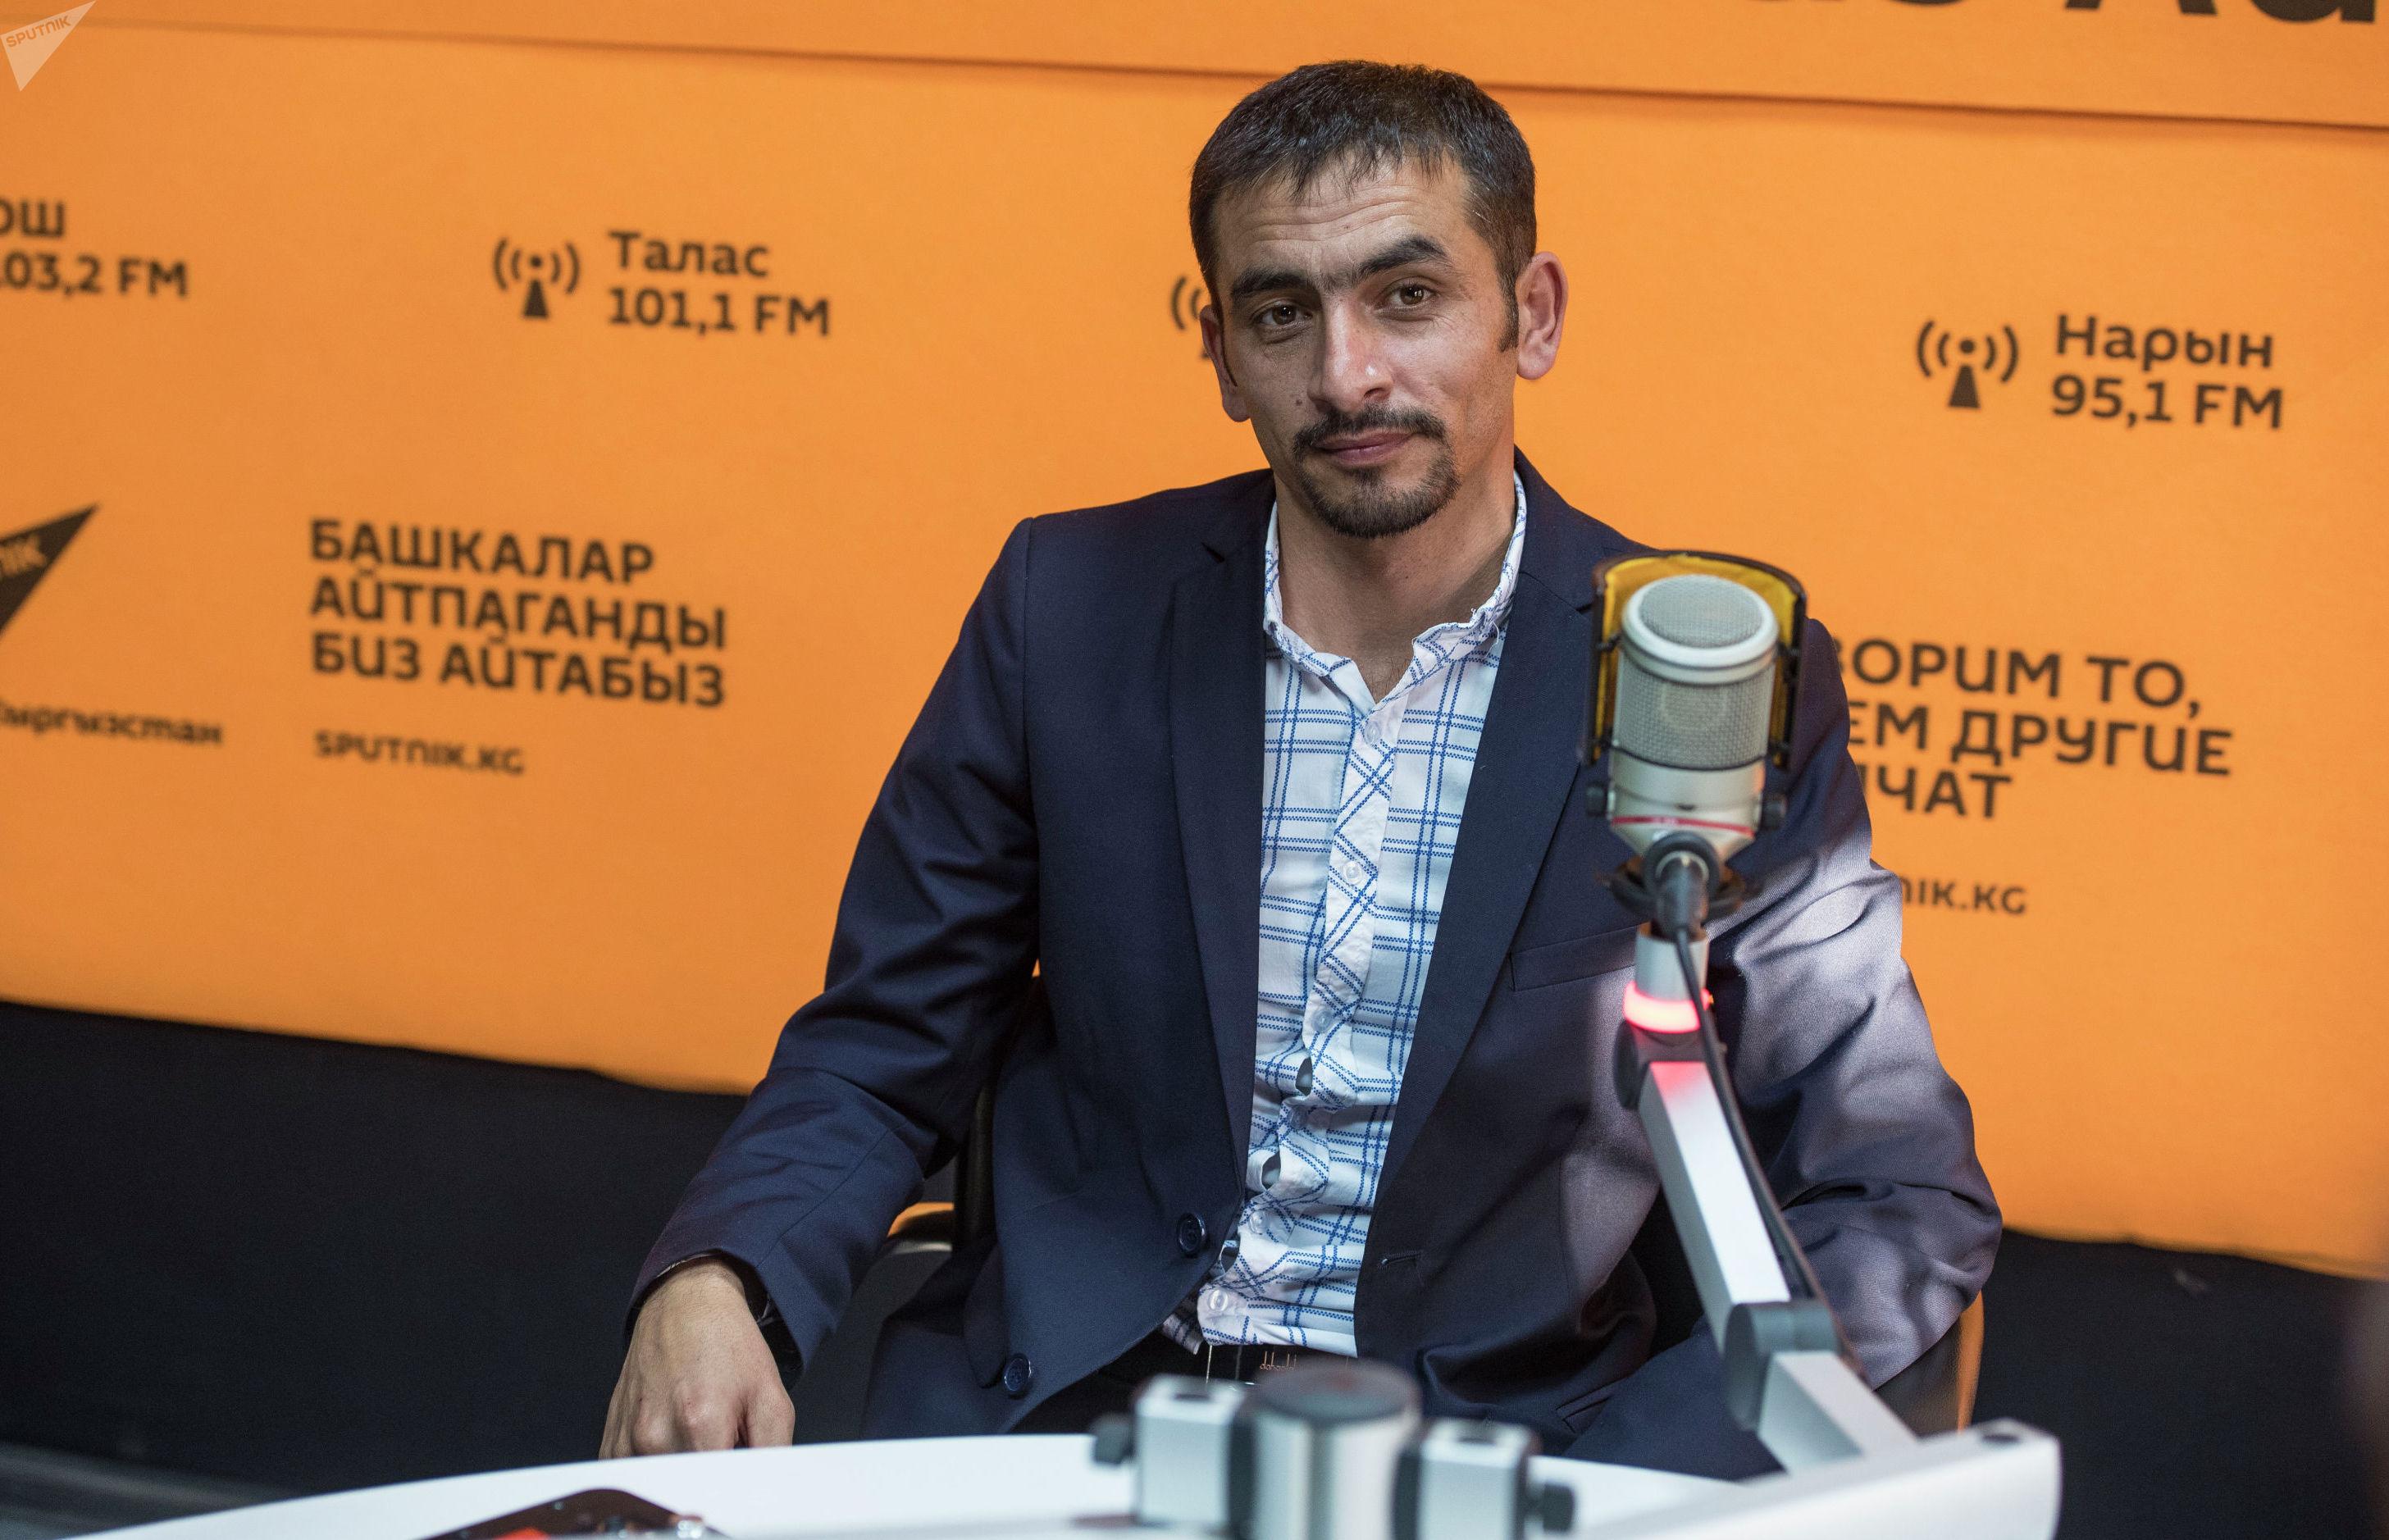 Основатель группы Добрые руки Фазиль Турсунов на радиостудии Sputnik Кыргызстан